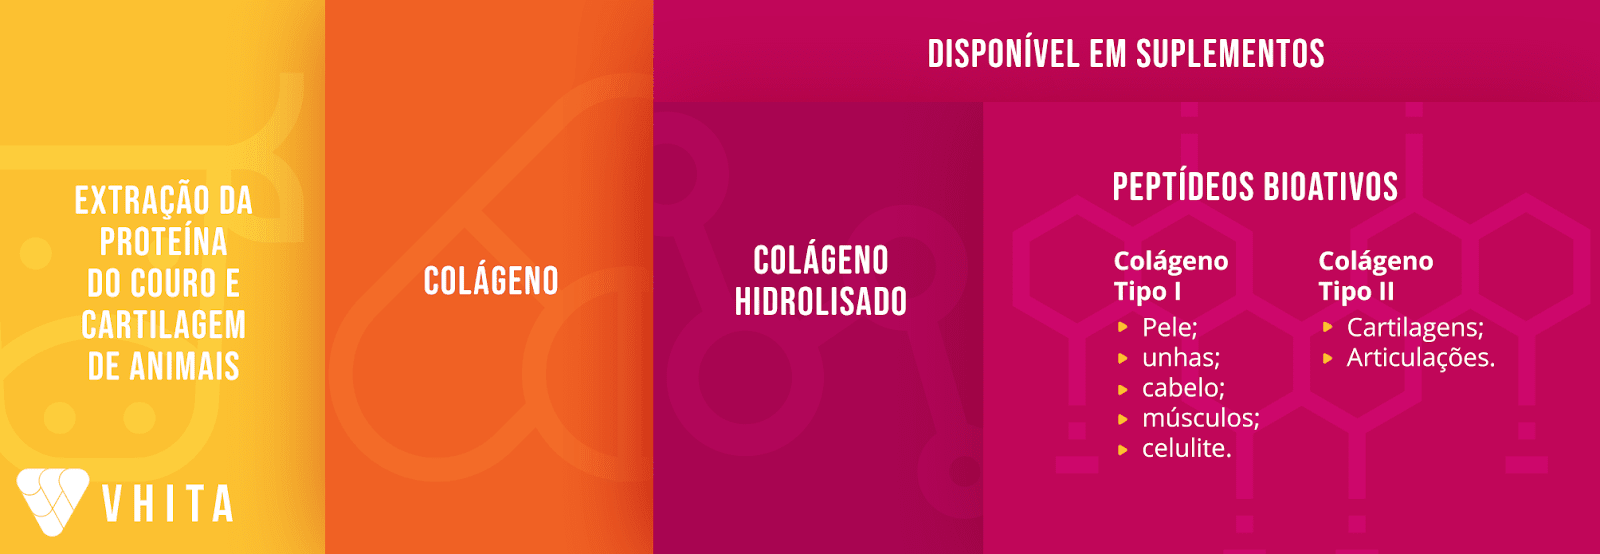 Como escolher o melhor colágeno hidrolisado